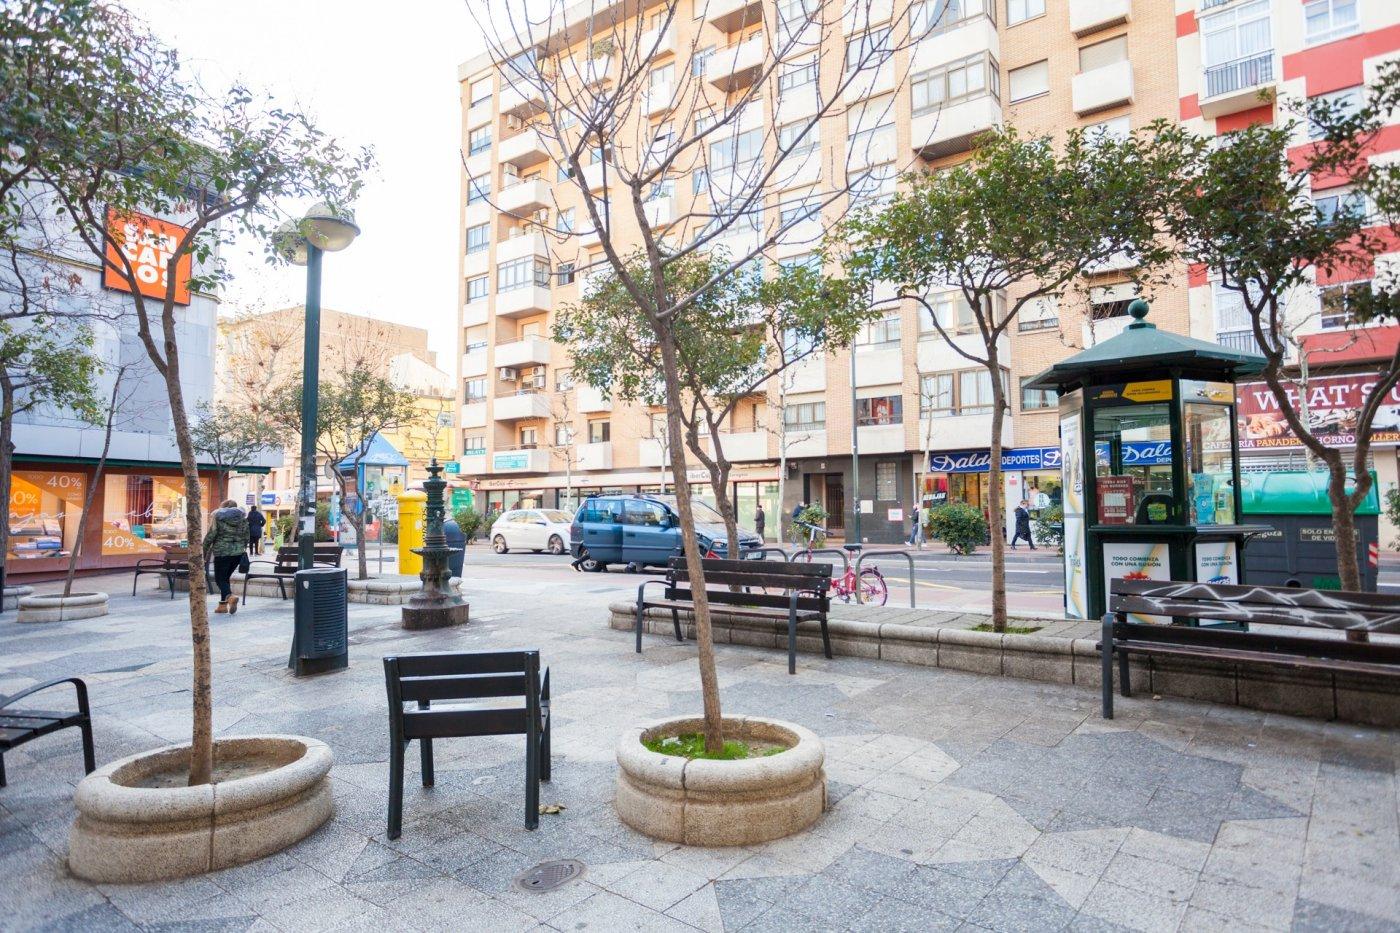 Piso junto a la avenida madrid de 3 dormitorios. - imagenInmueble33